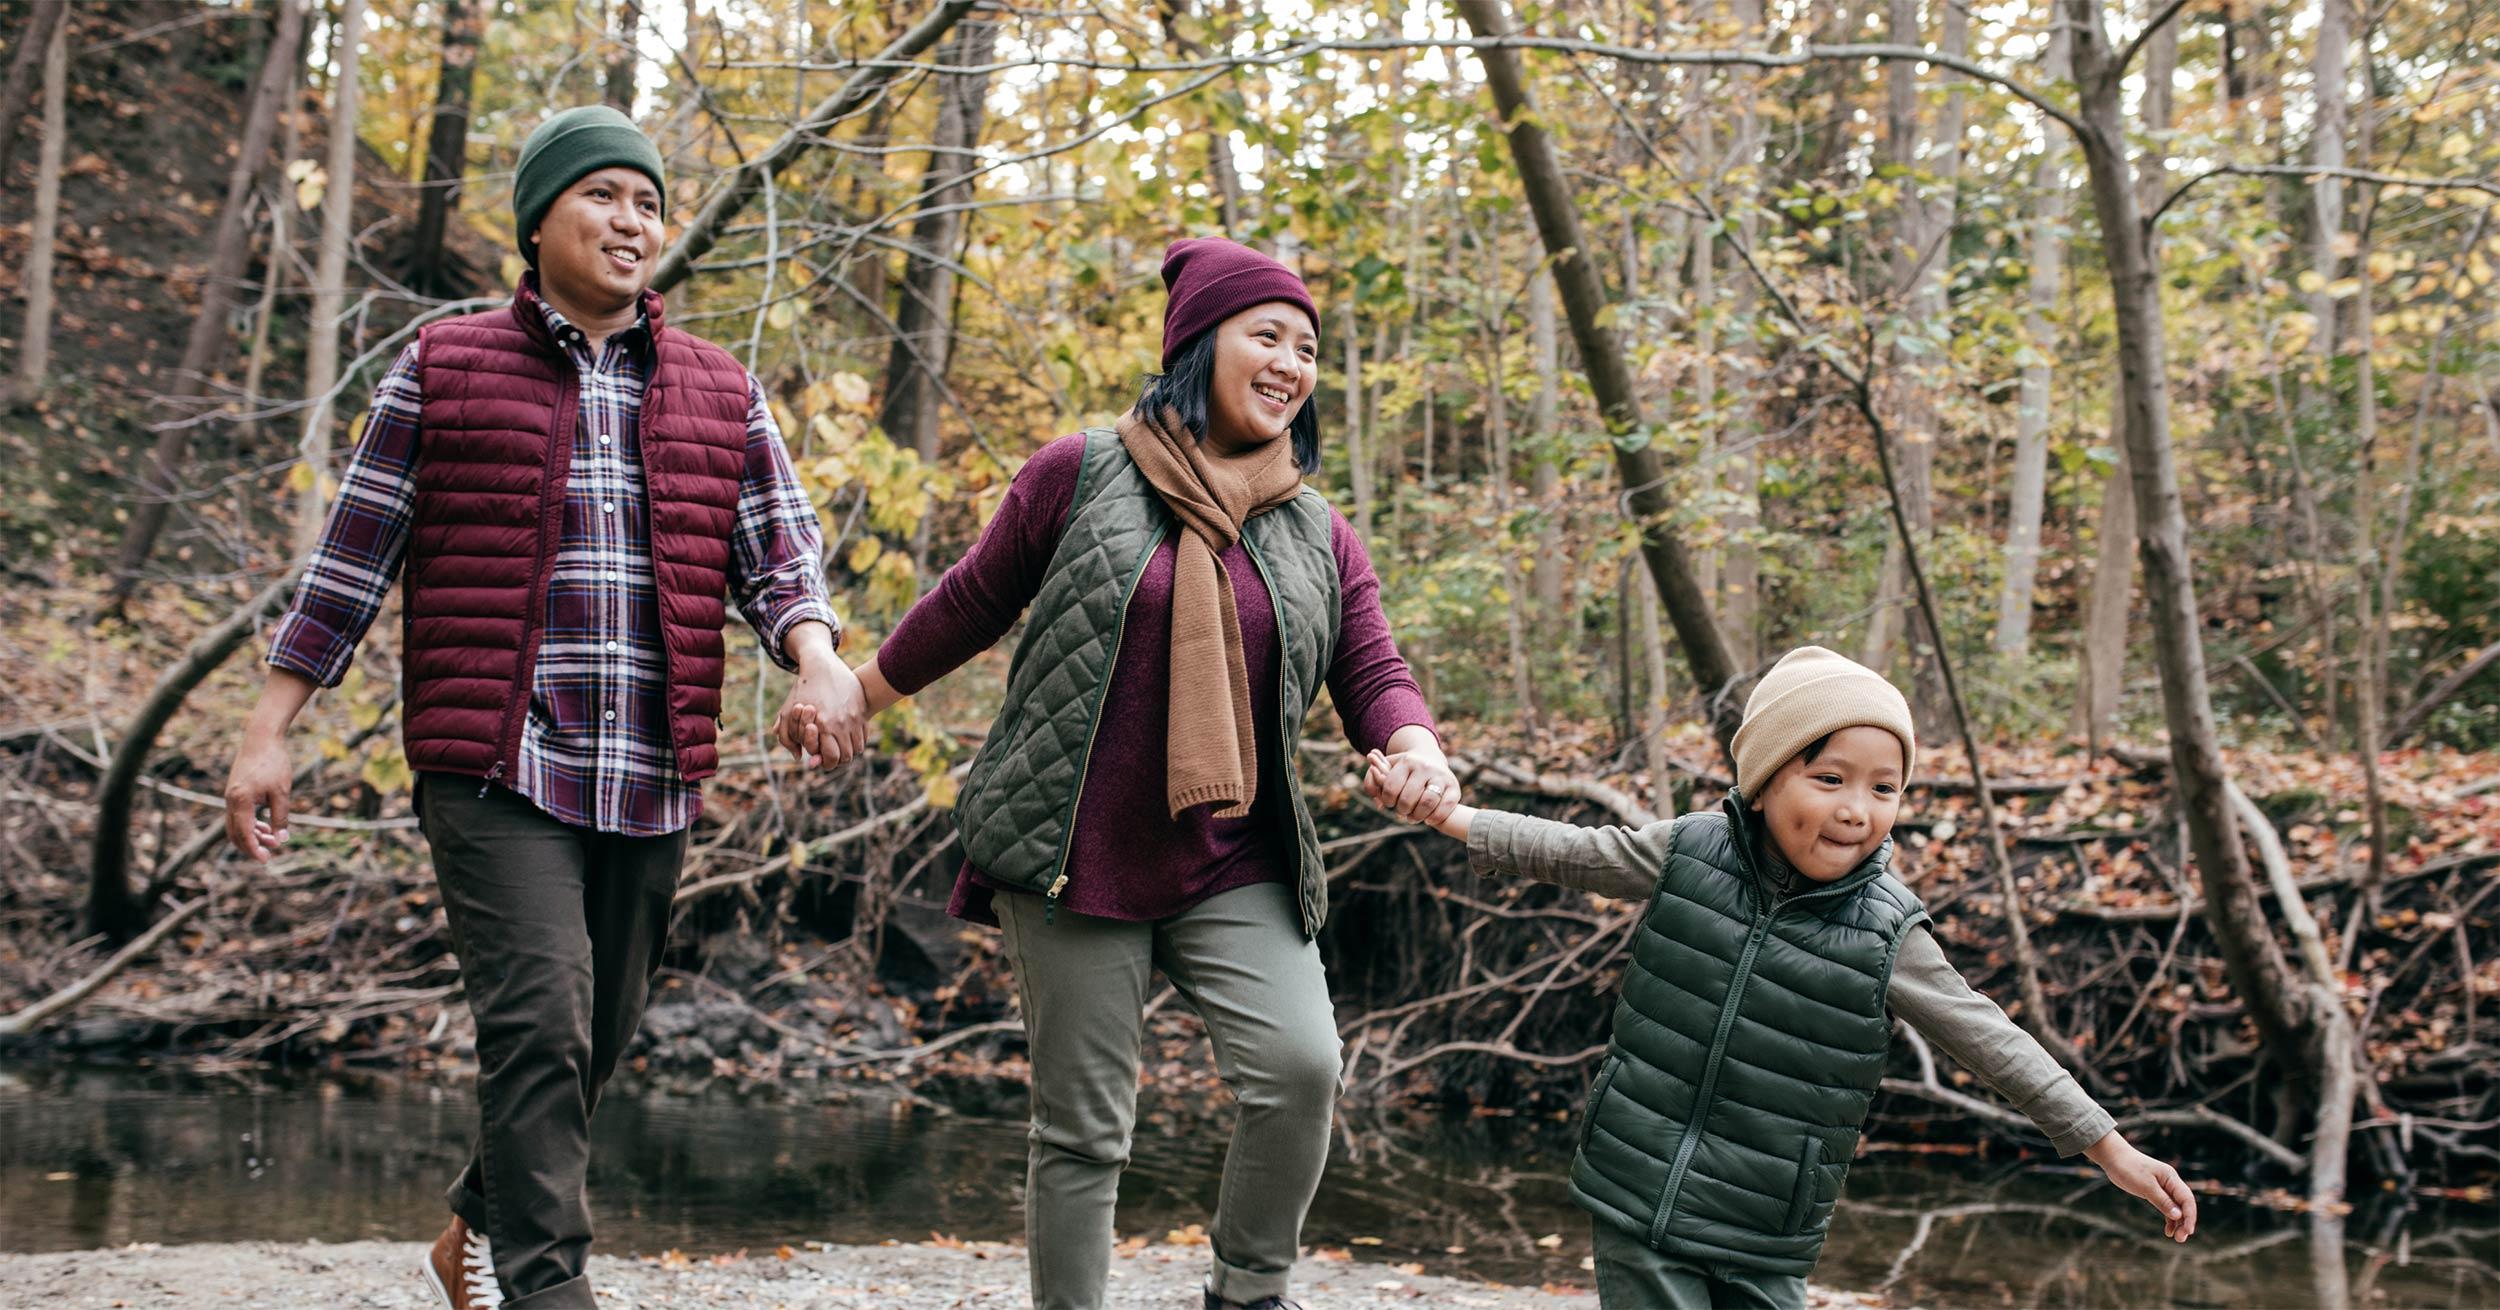 Canada Family Sponsorship Program